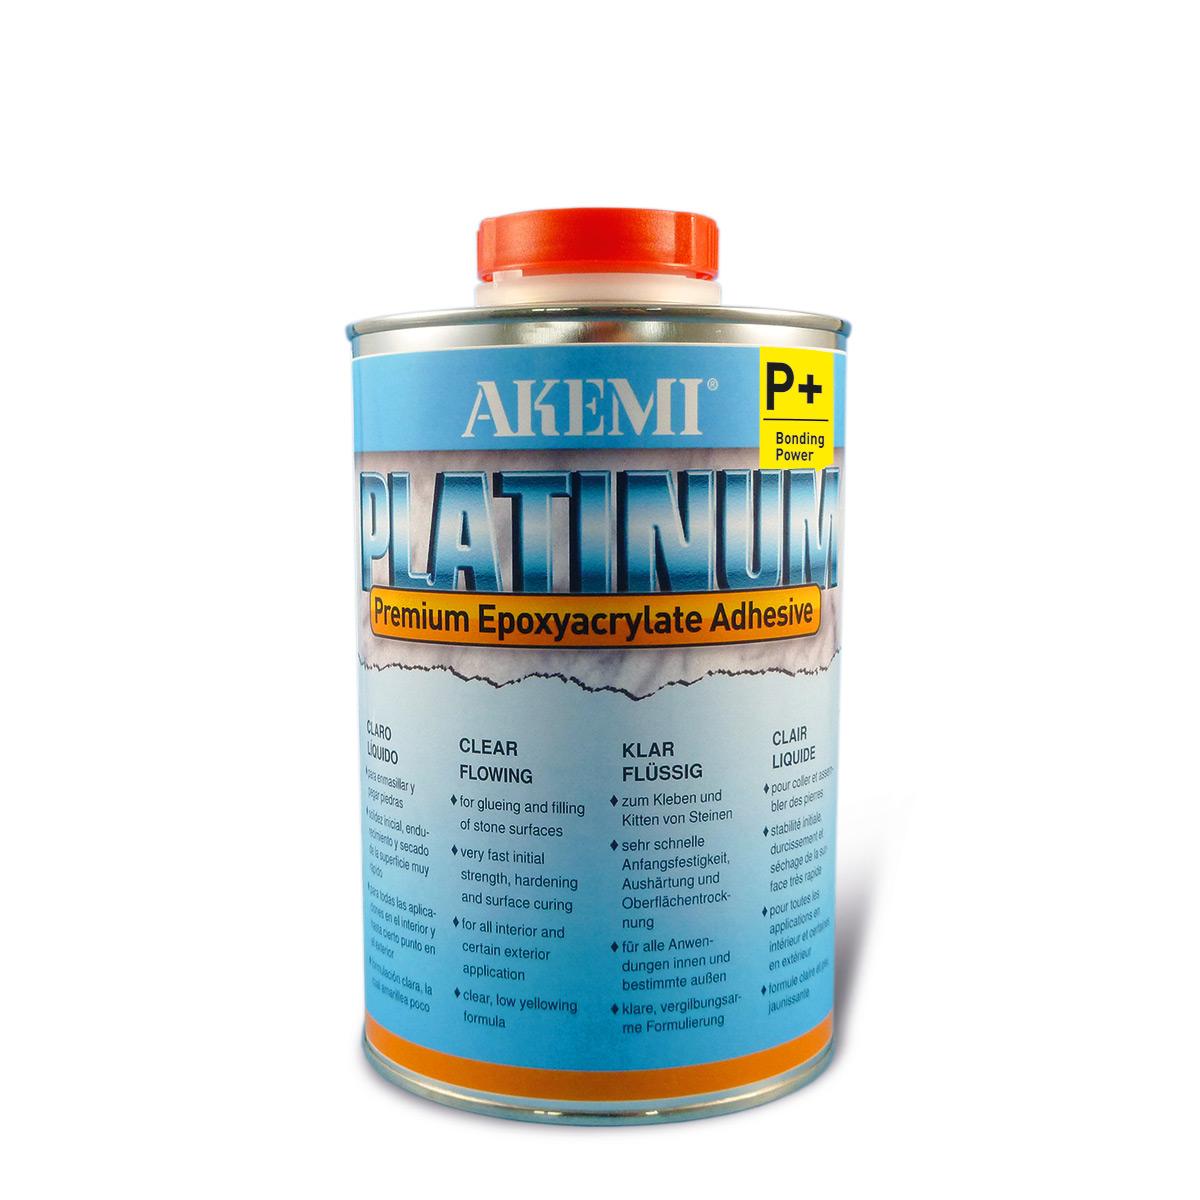 Akemi PLATINUM P+ flüssig 900ml flüssiger, transparent-klarer Kleber 10726